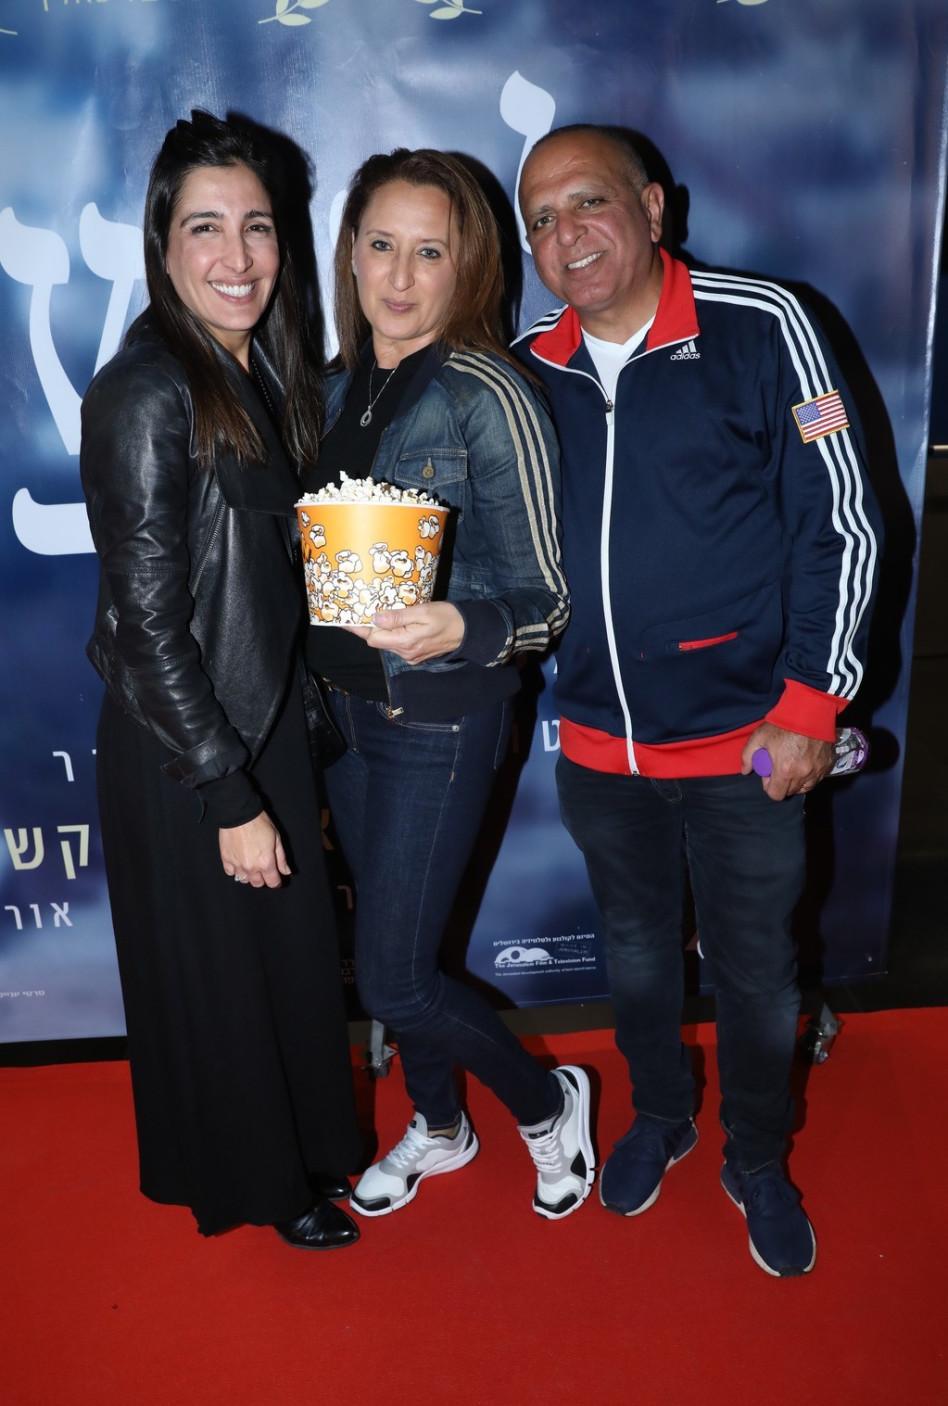 שלום וליאת מוליוב ולירון אדרי